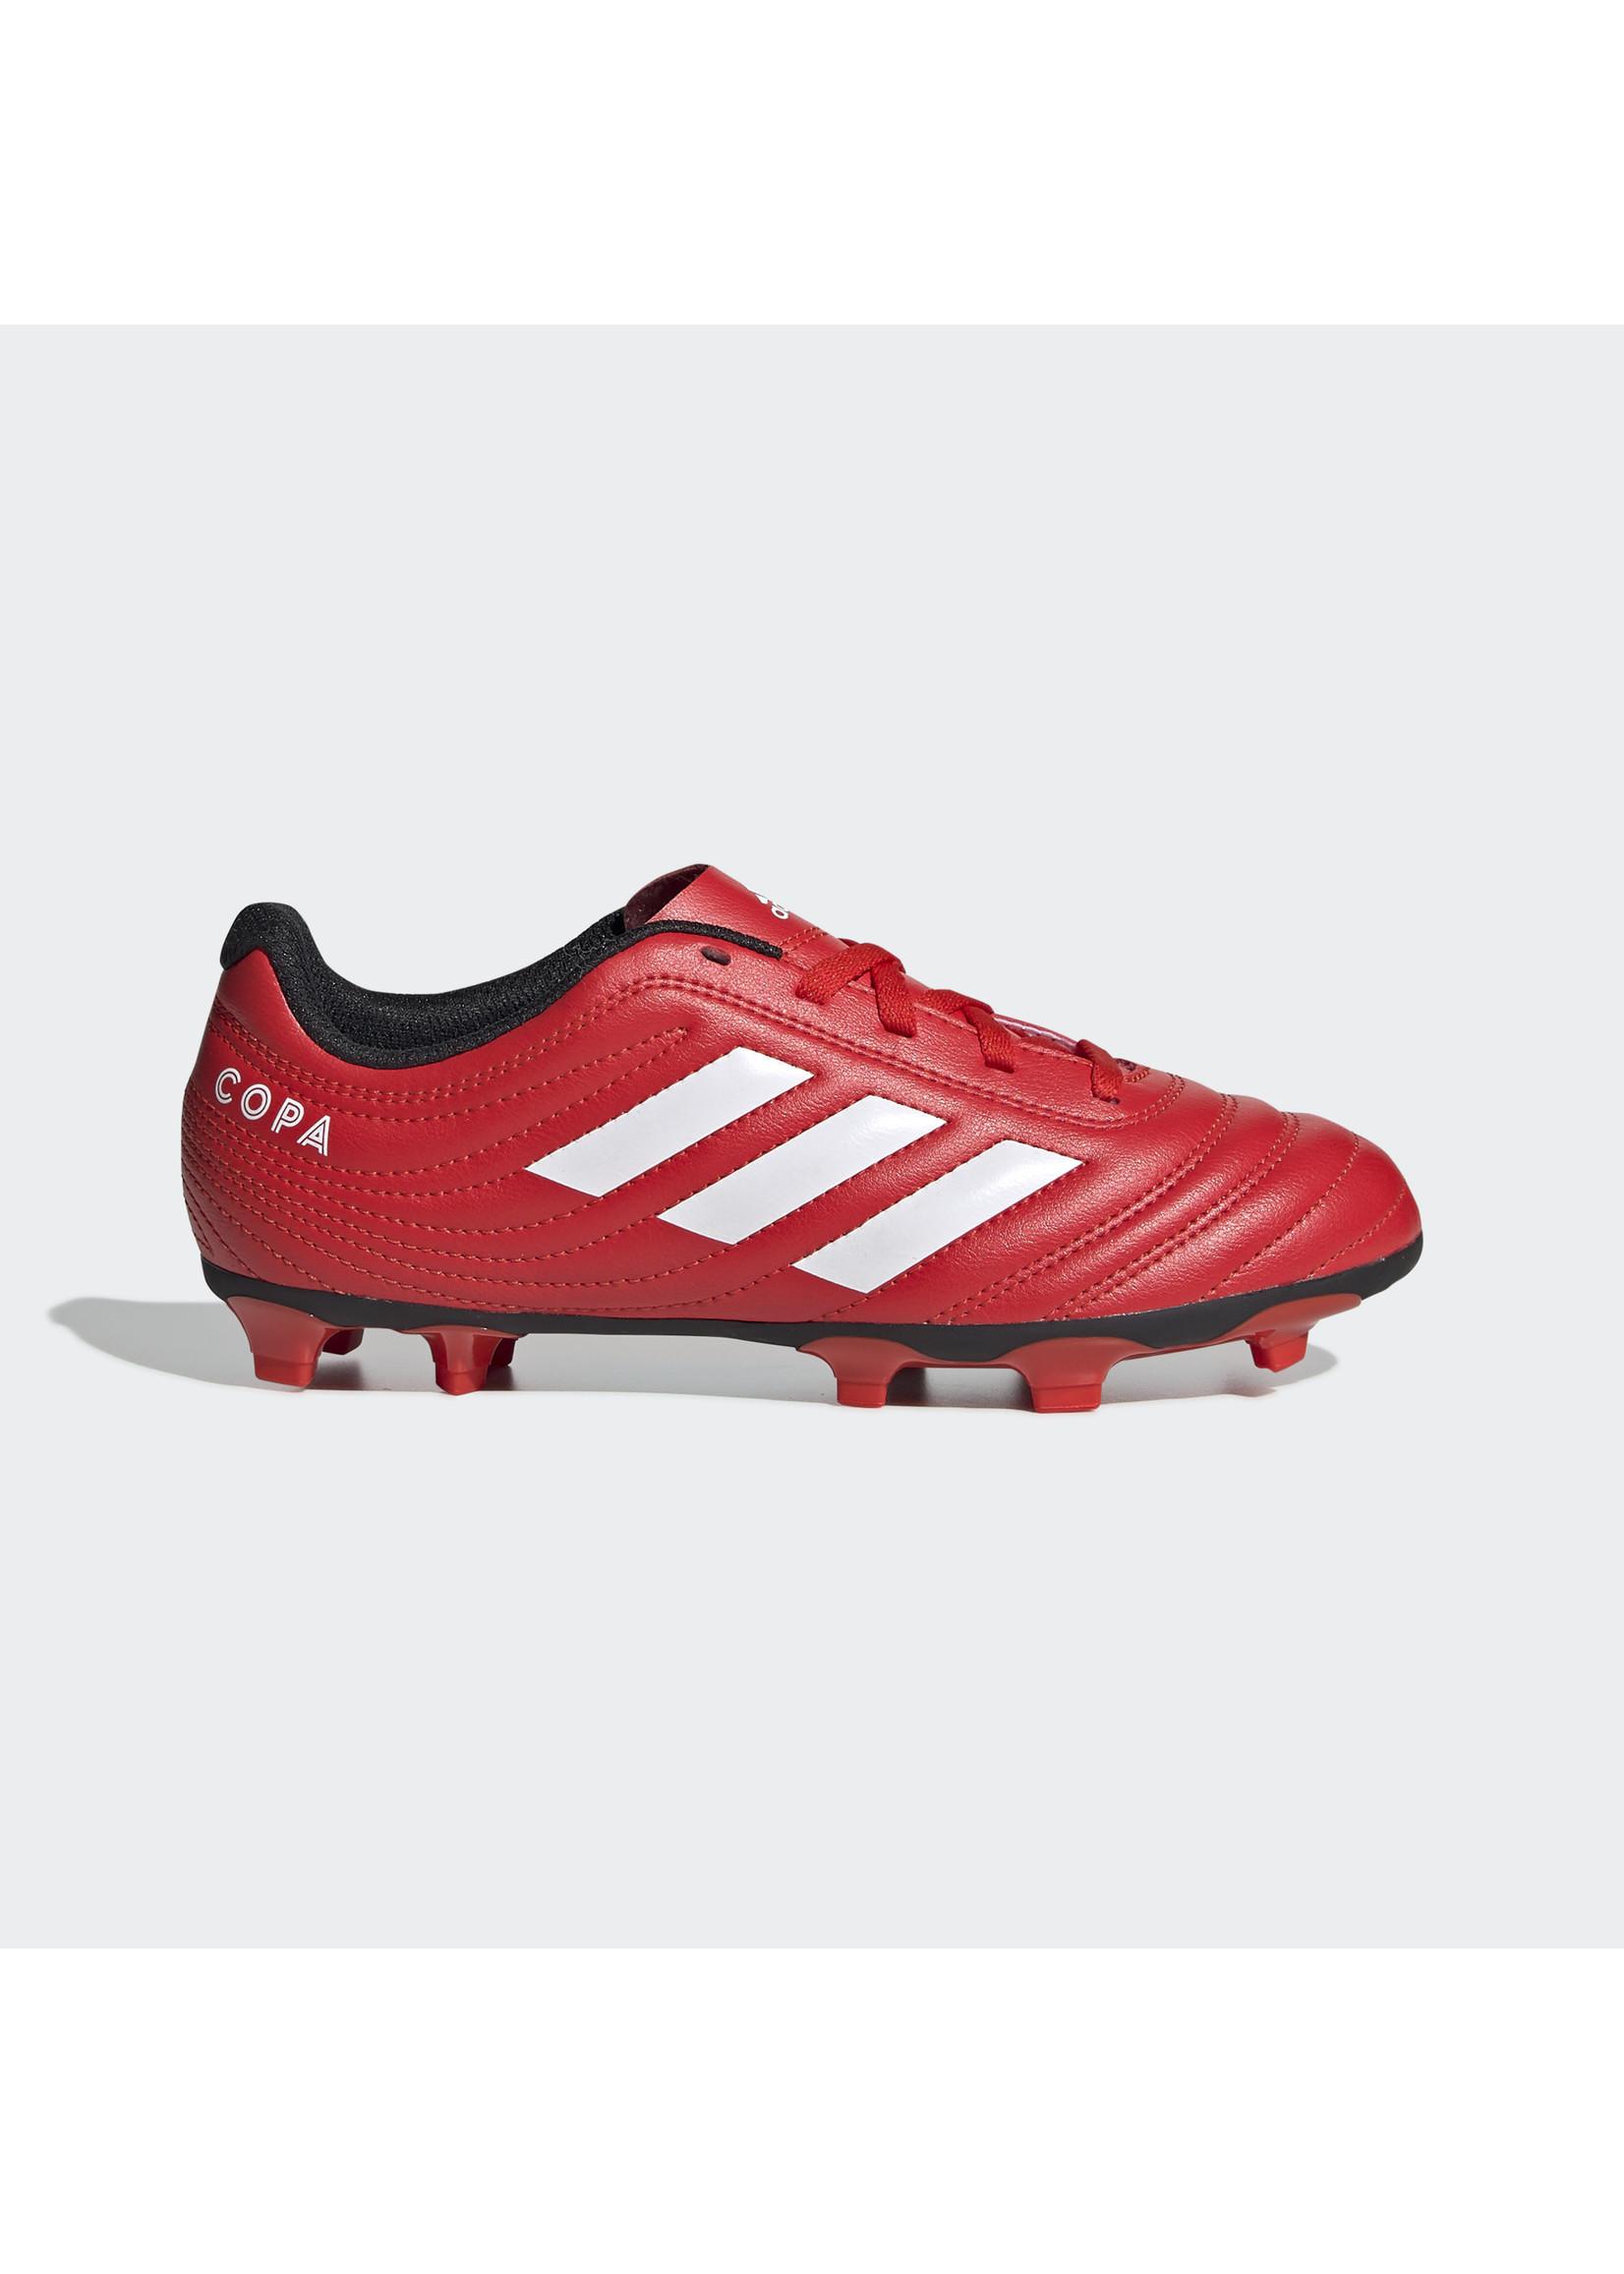 Adidas Copa 20.4 FG Jr EF1919